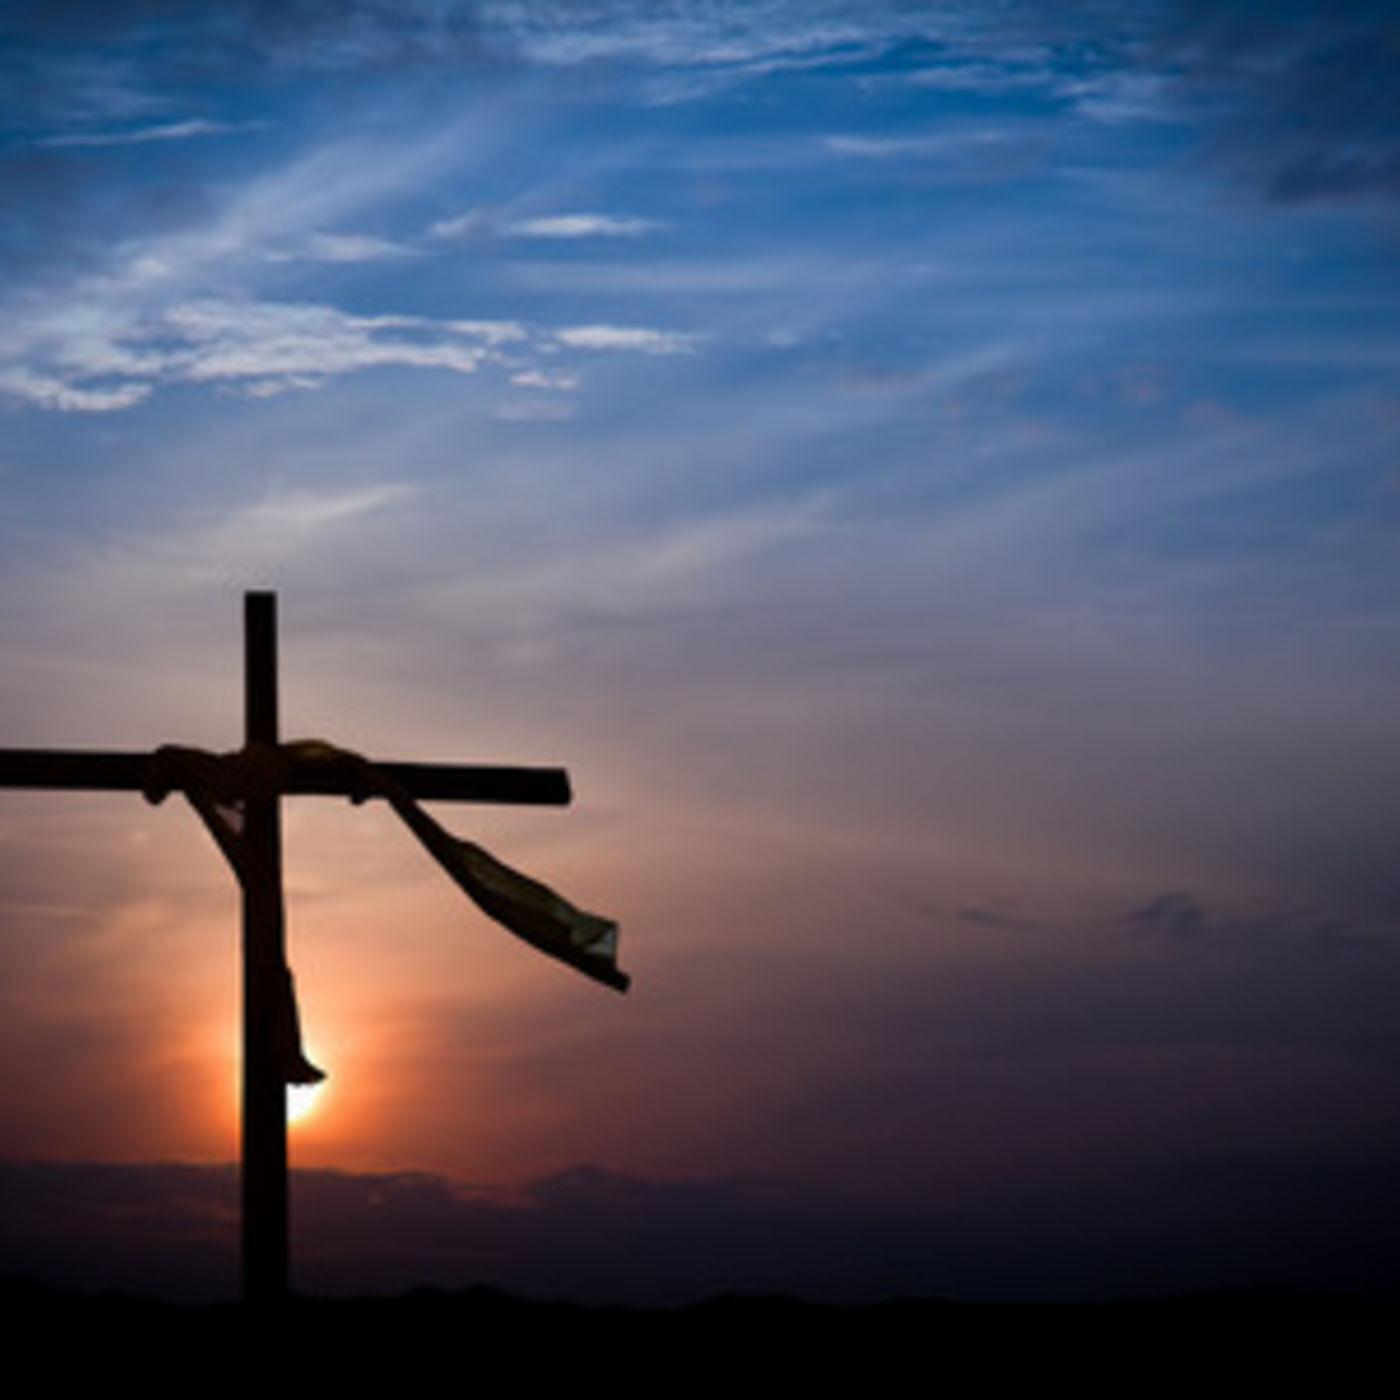 christ full gospel fellowship it s the cross